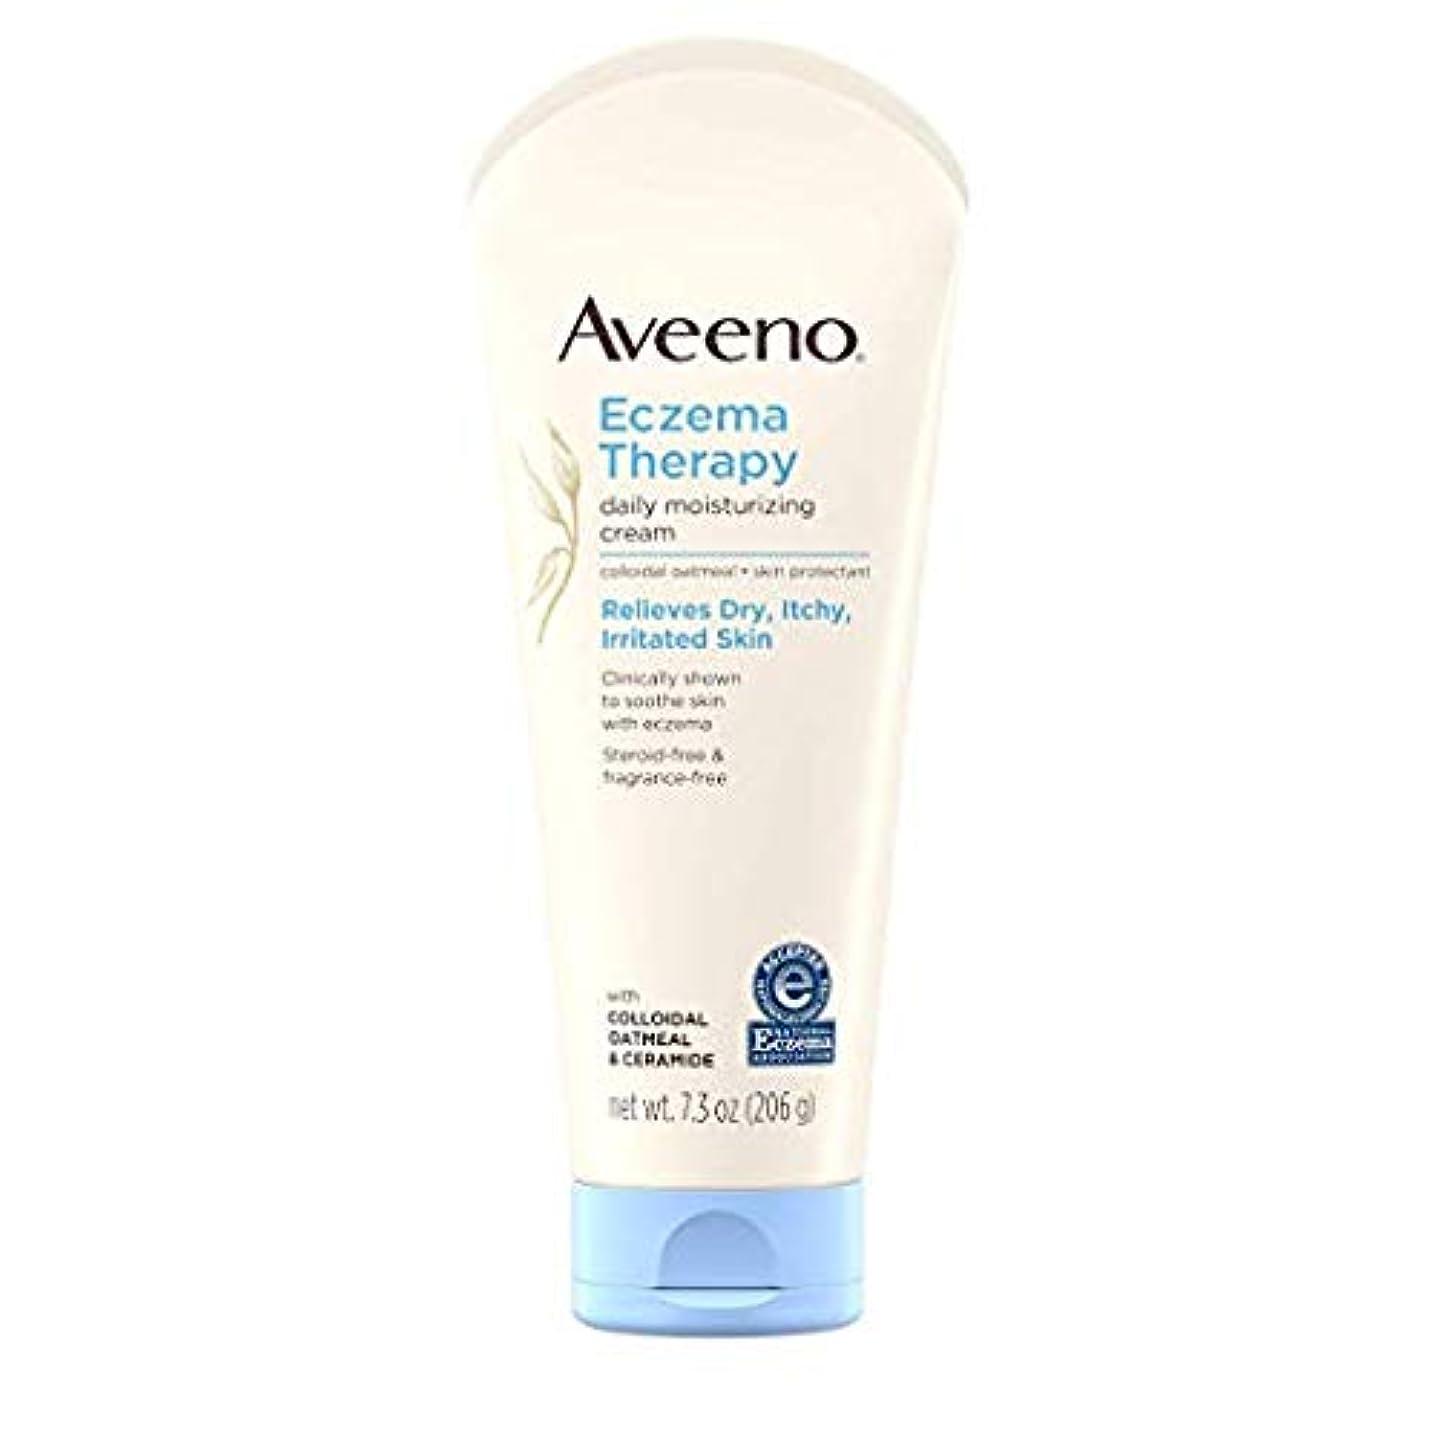 より九月集団Aveeno - Eczema Therapy Moisturizing Cream - 7.3 oz (206 g) アビーノ 保湿クリーム [並行輸入品]